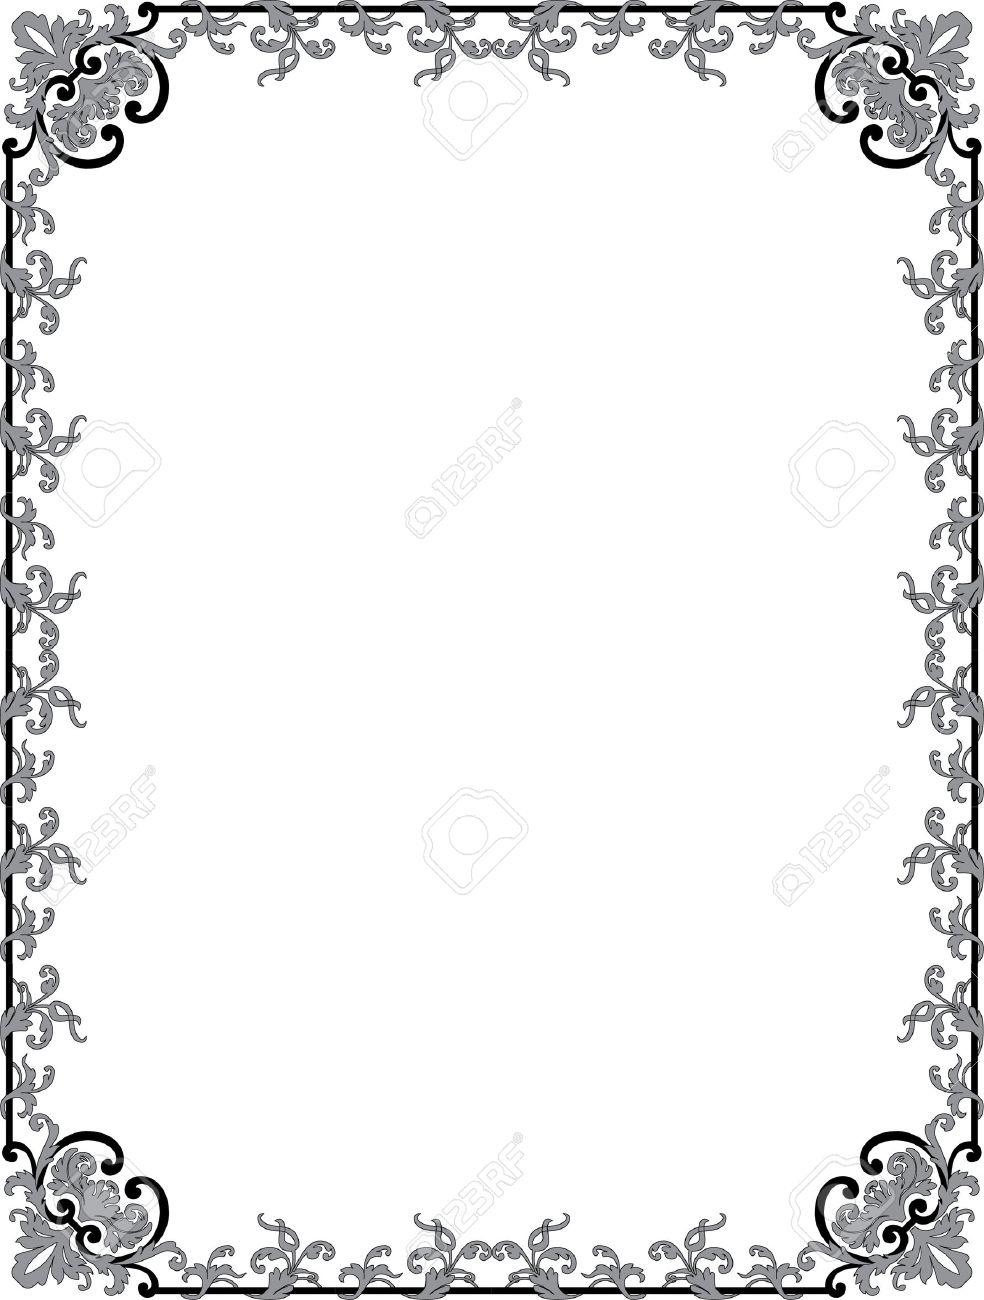 Cadre Bordure oriental s'épanouir cadre de bordure, monochrome clip art libres de